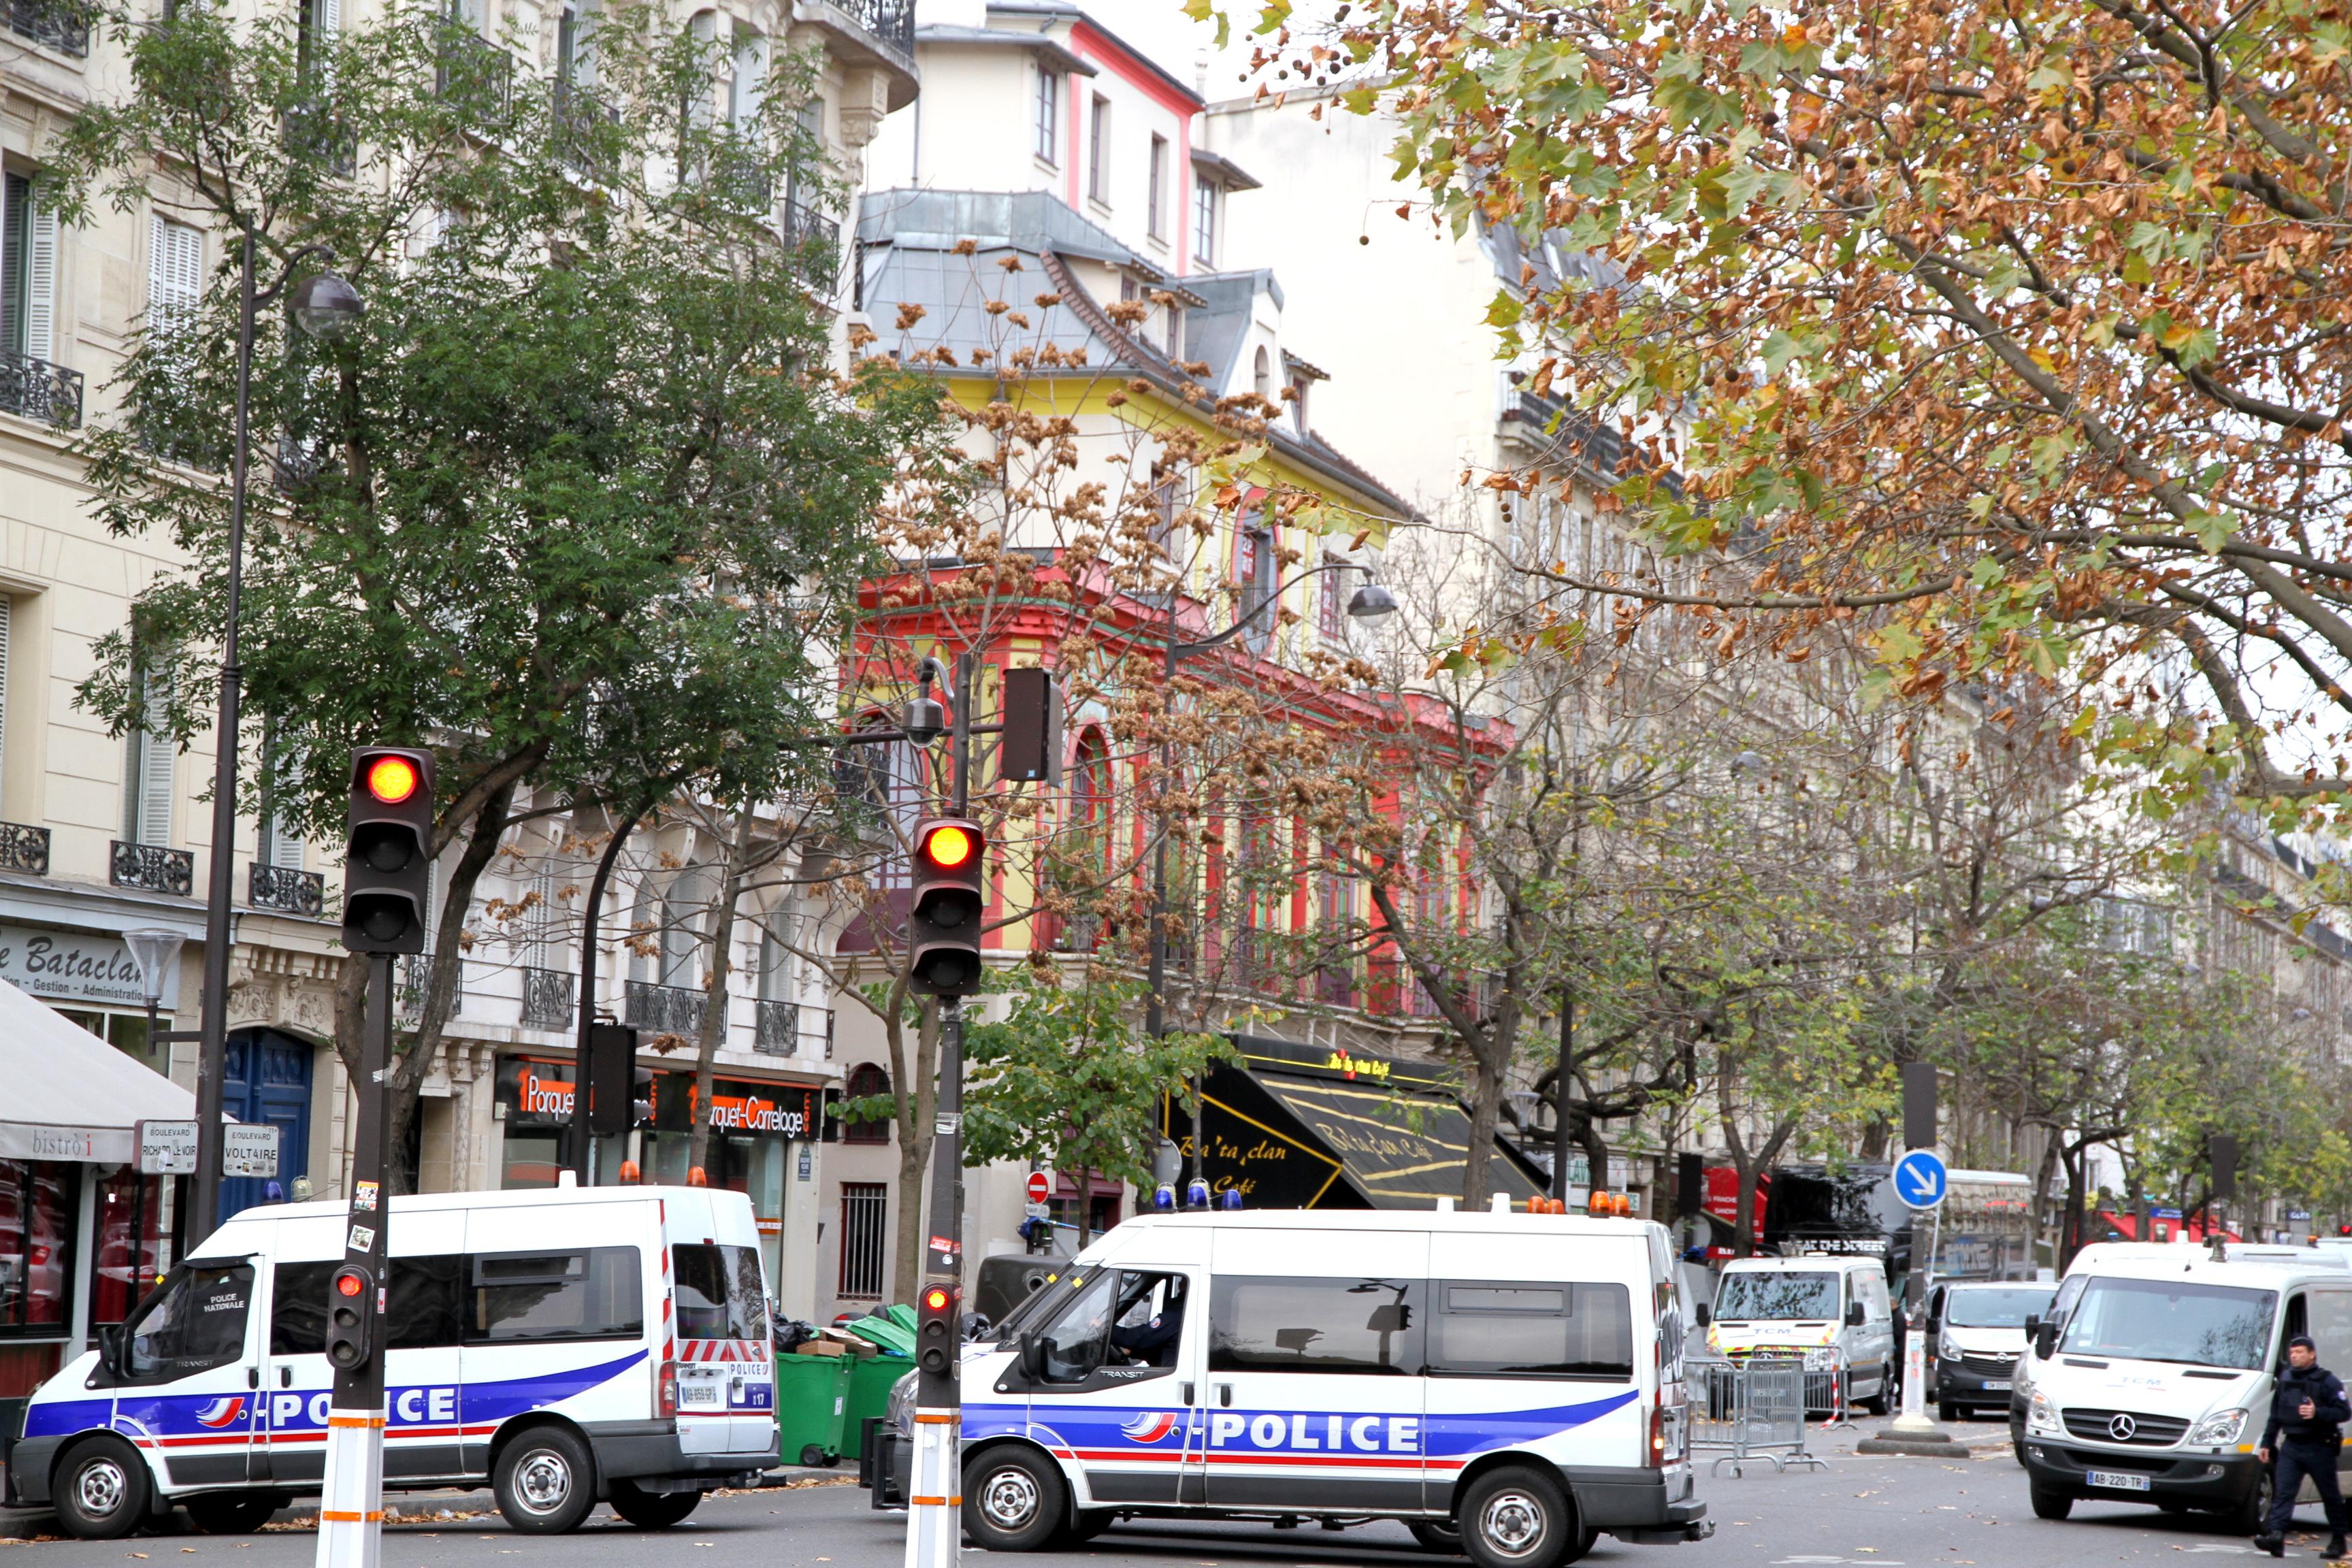 non rinunciare ai viaggi a causa degli attentati terroristici